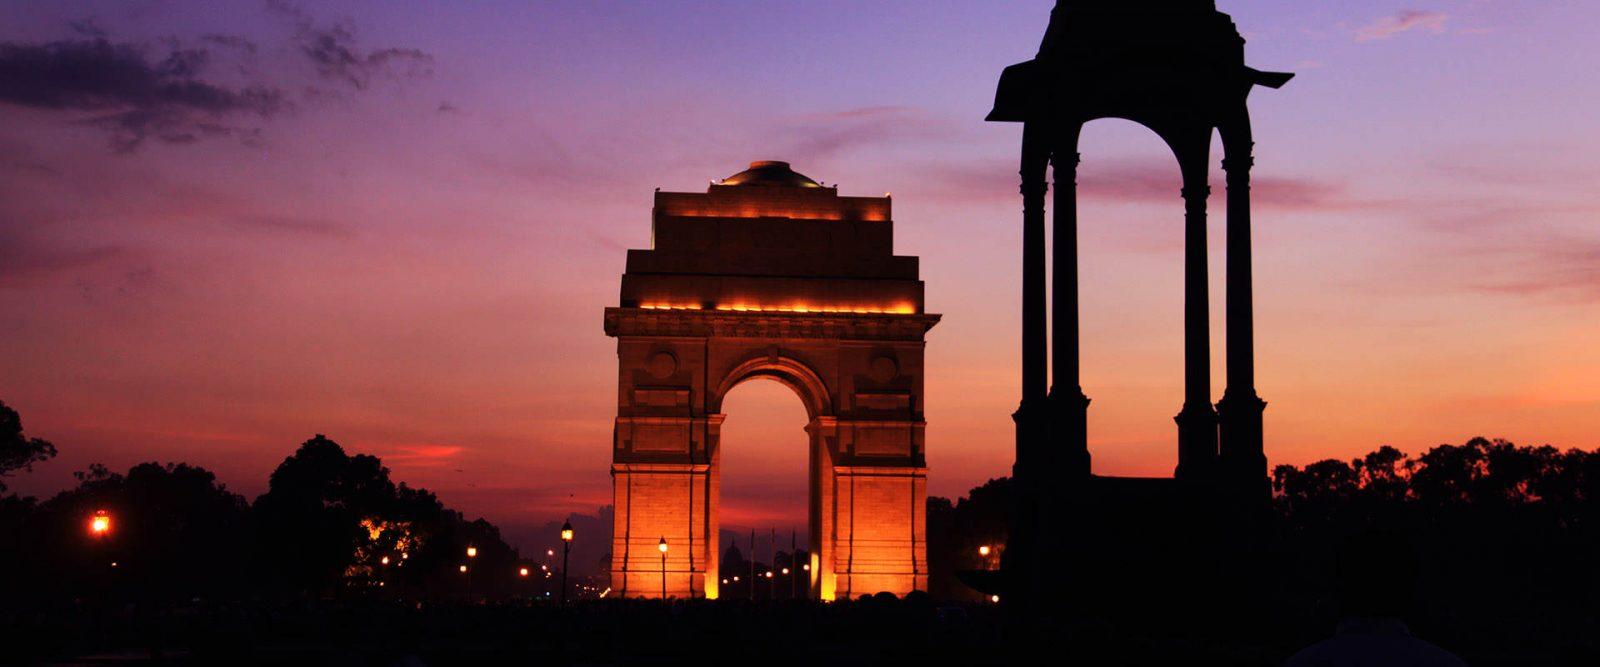 Roteiro de 3 dias em Delhi 3 dicas Viaje Global